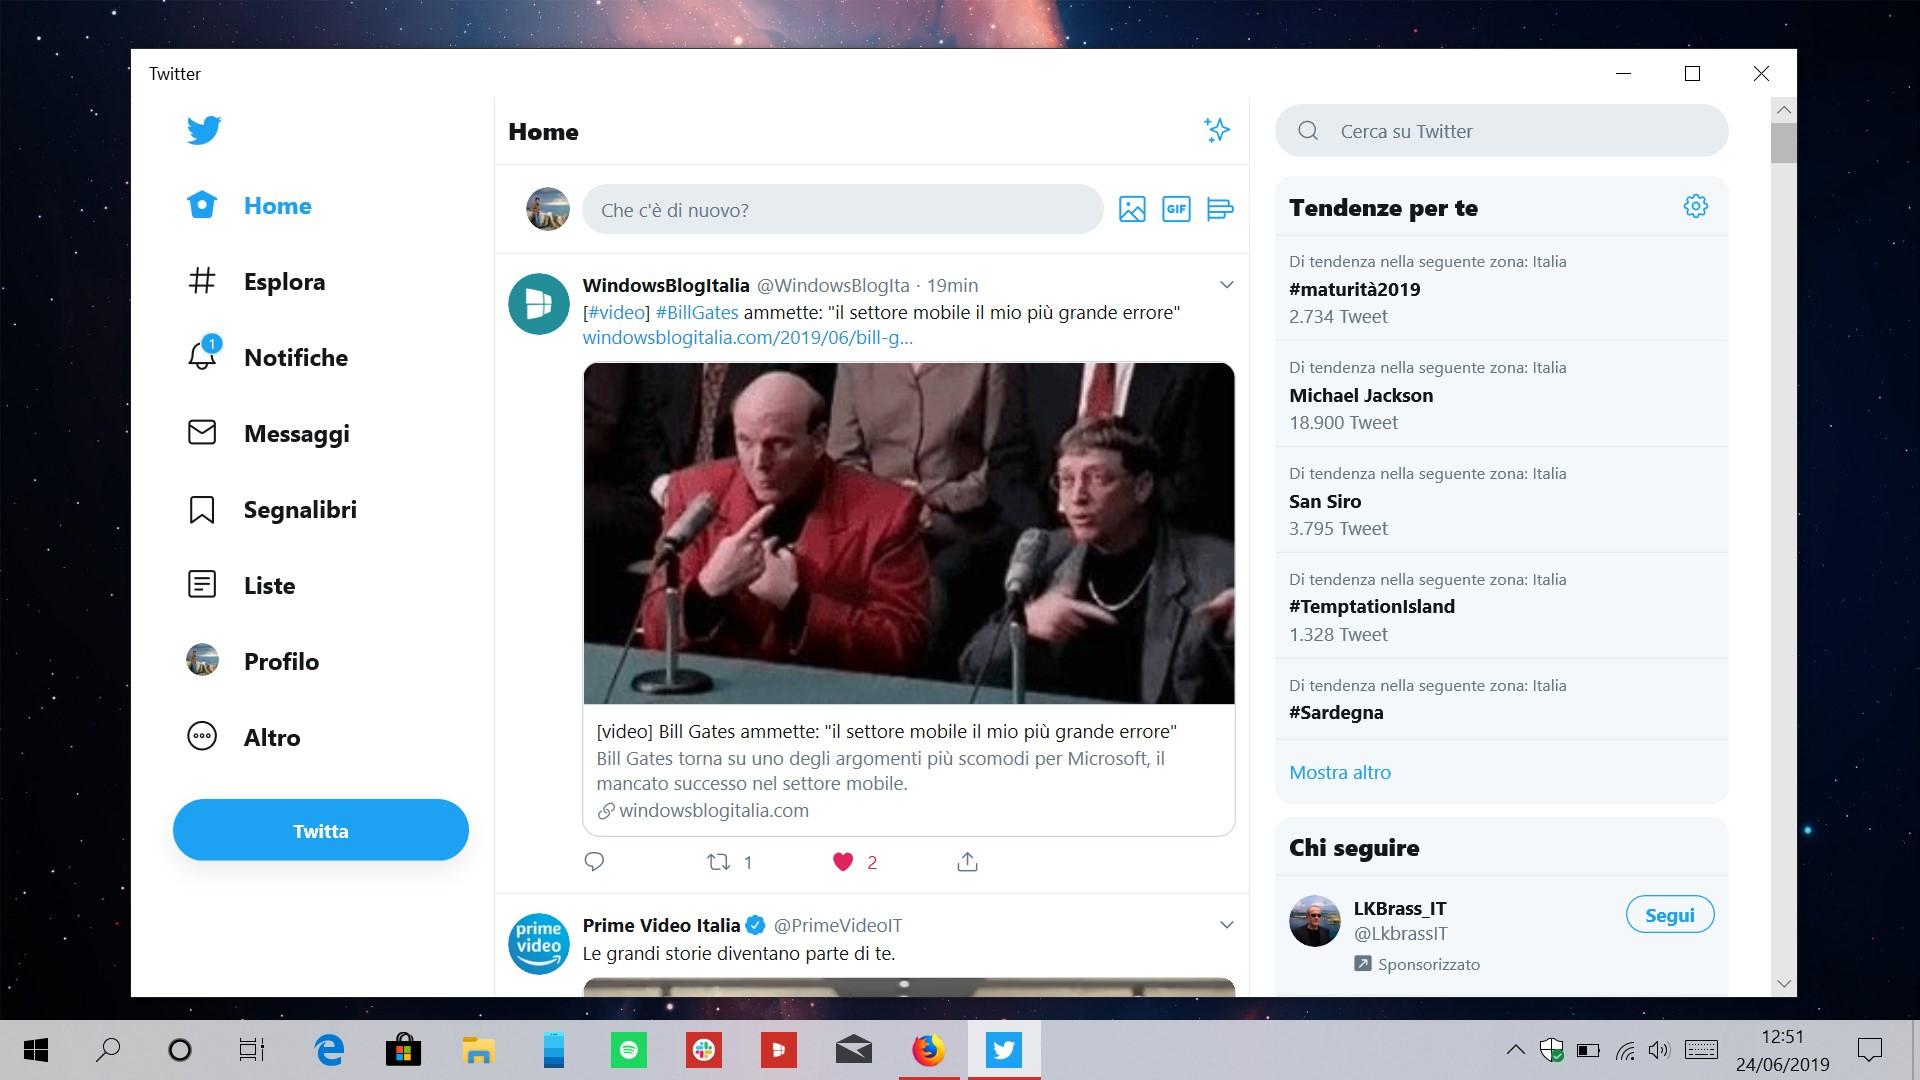 Nuova interfaccia utente PWA Twitter per Windows 10